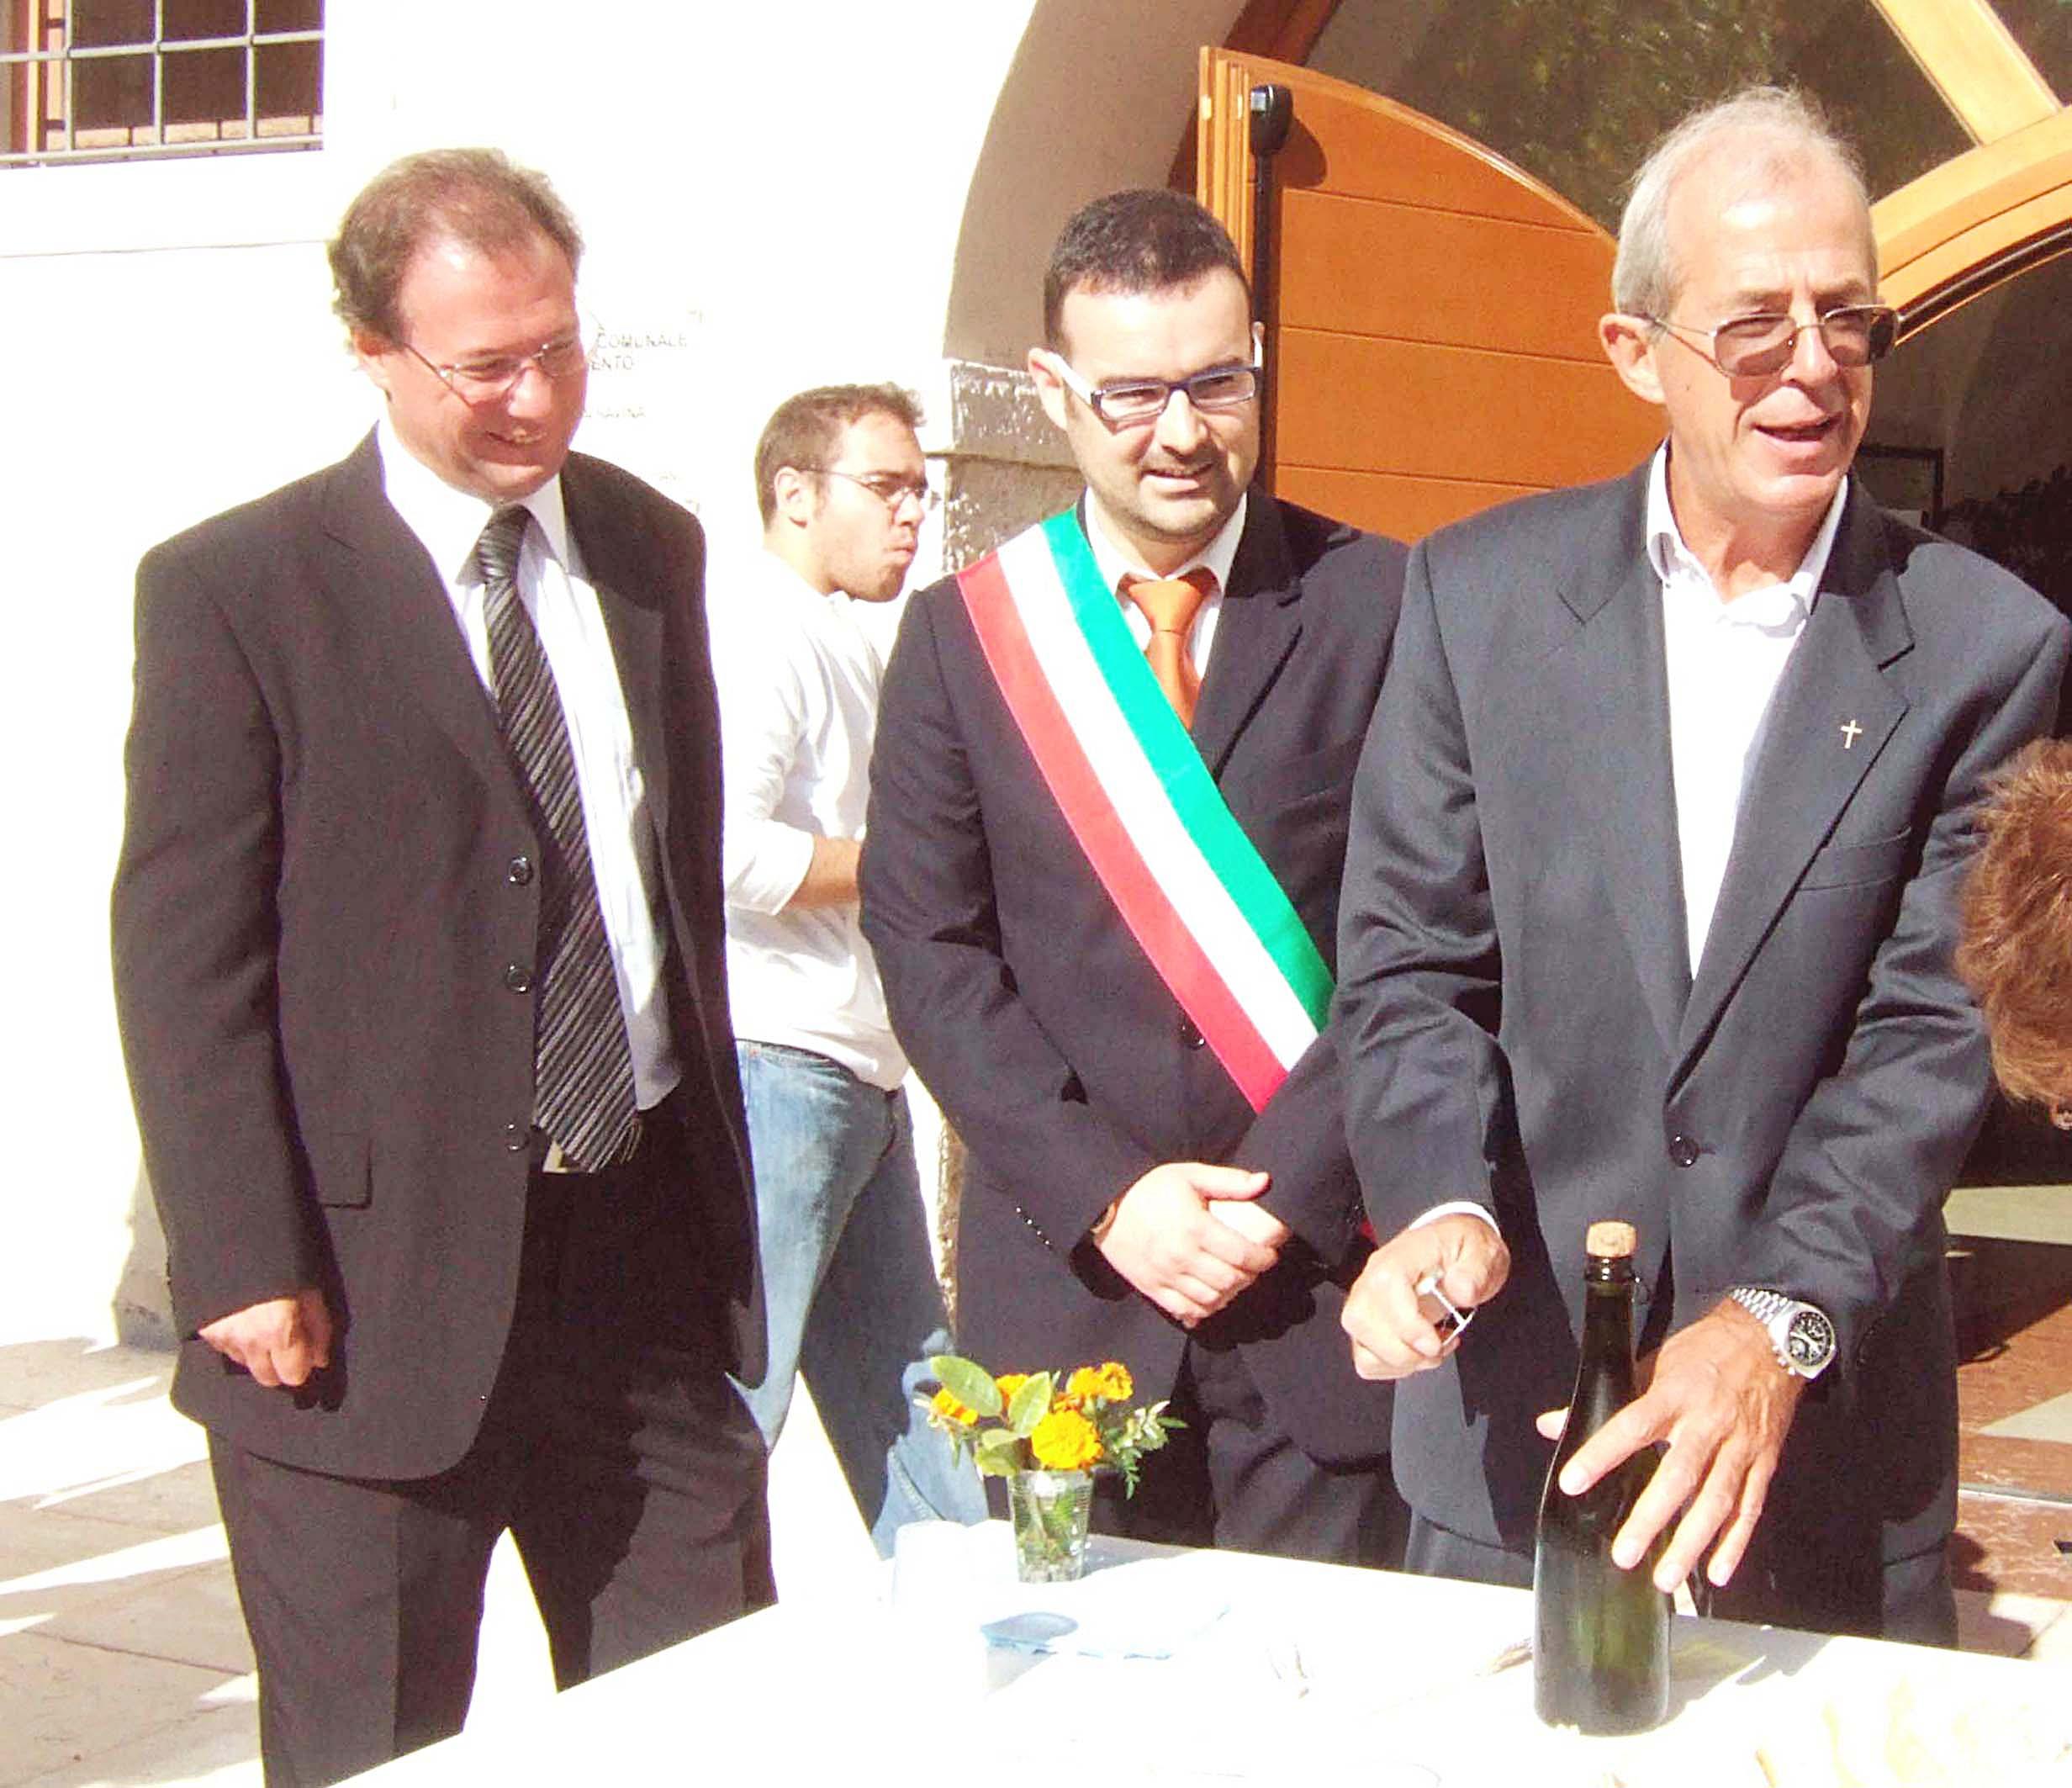 Don Gianni al suo arrivo a Ravina nel 2009, stappa lo spumante di benvenuto assieme a Stanchina e Andreatta